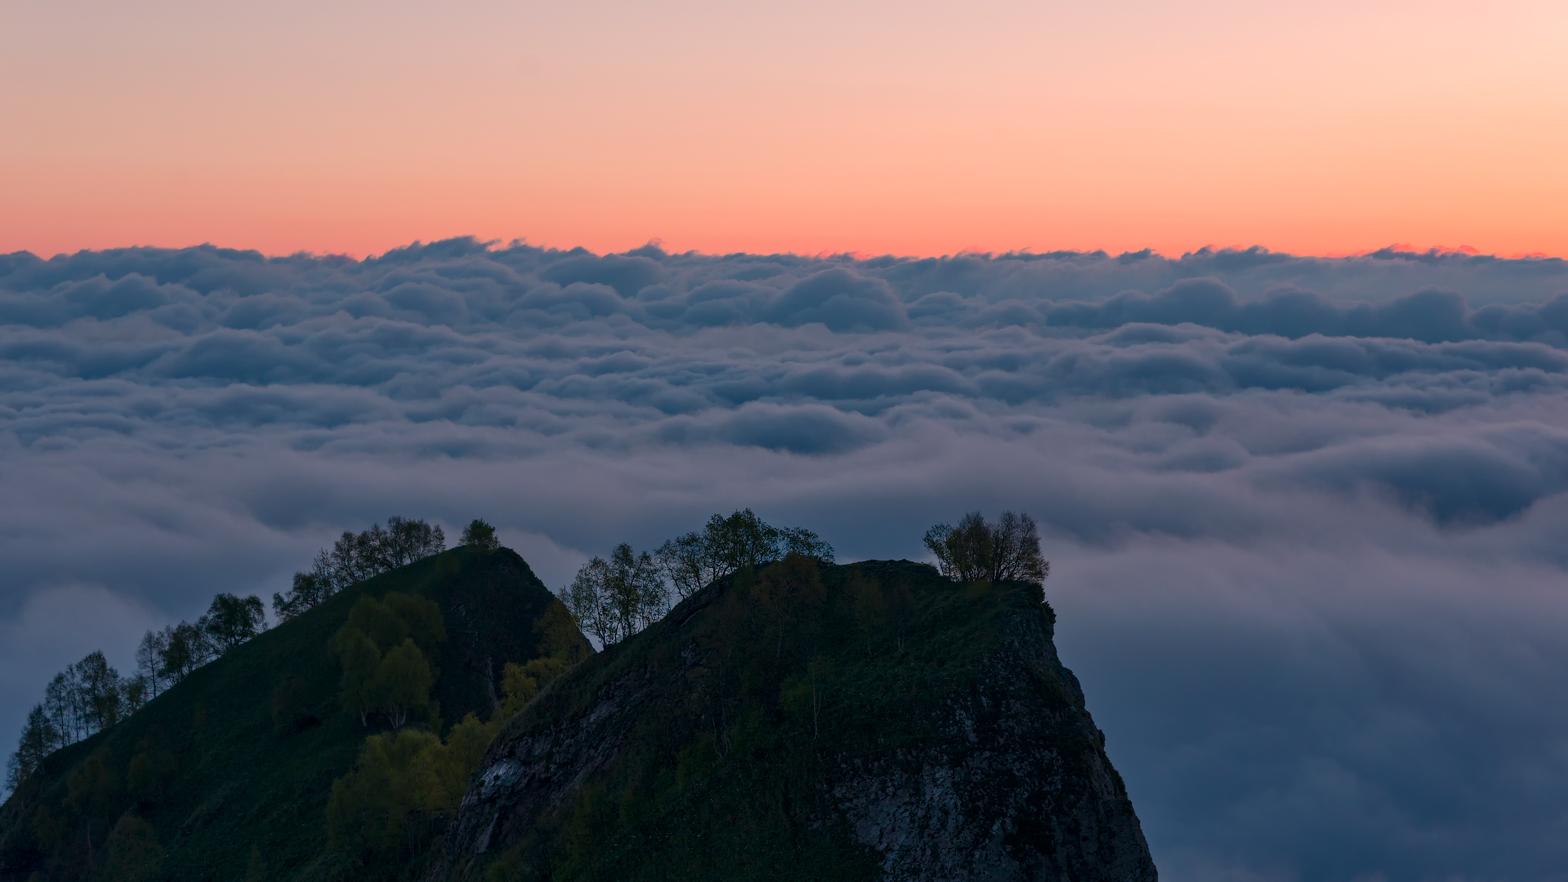 Наш лагерь находился на склоне Малого Тхача ,рано утром удалось наблюдать такую картинус облаками и разгорающимся рассветом .